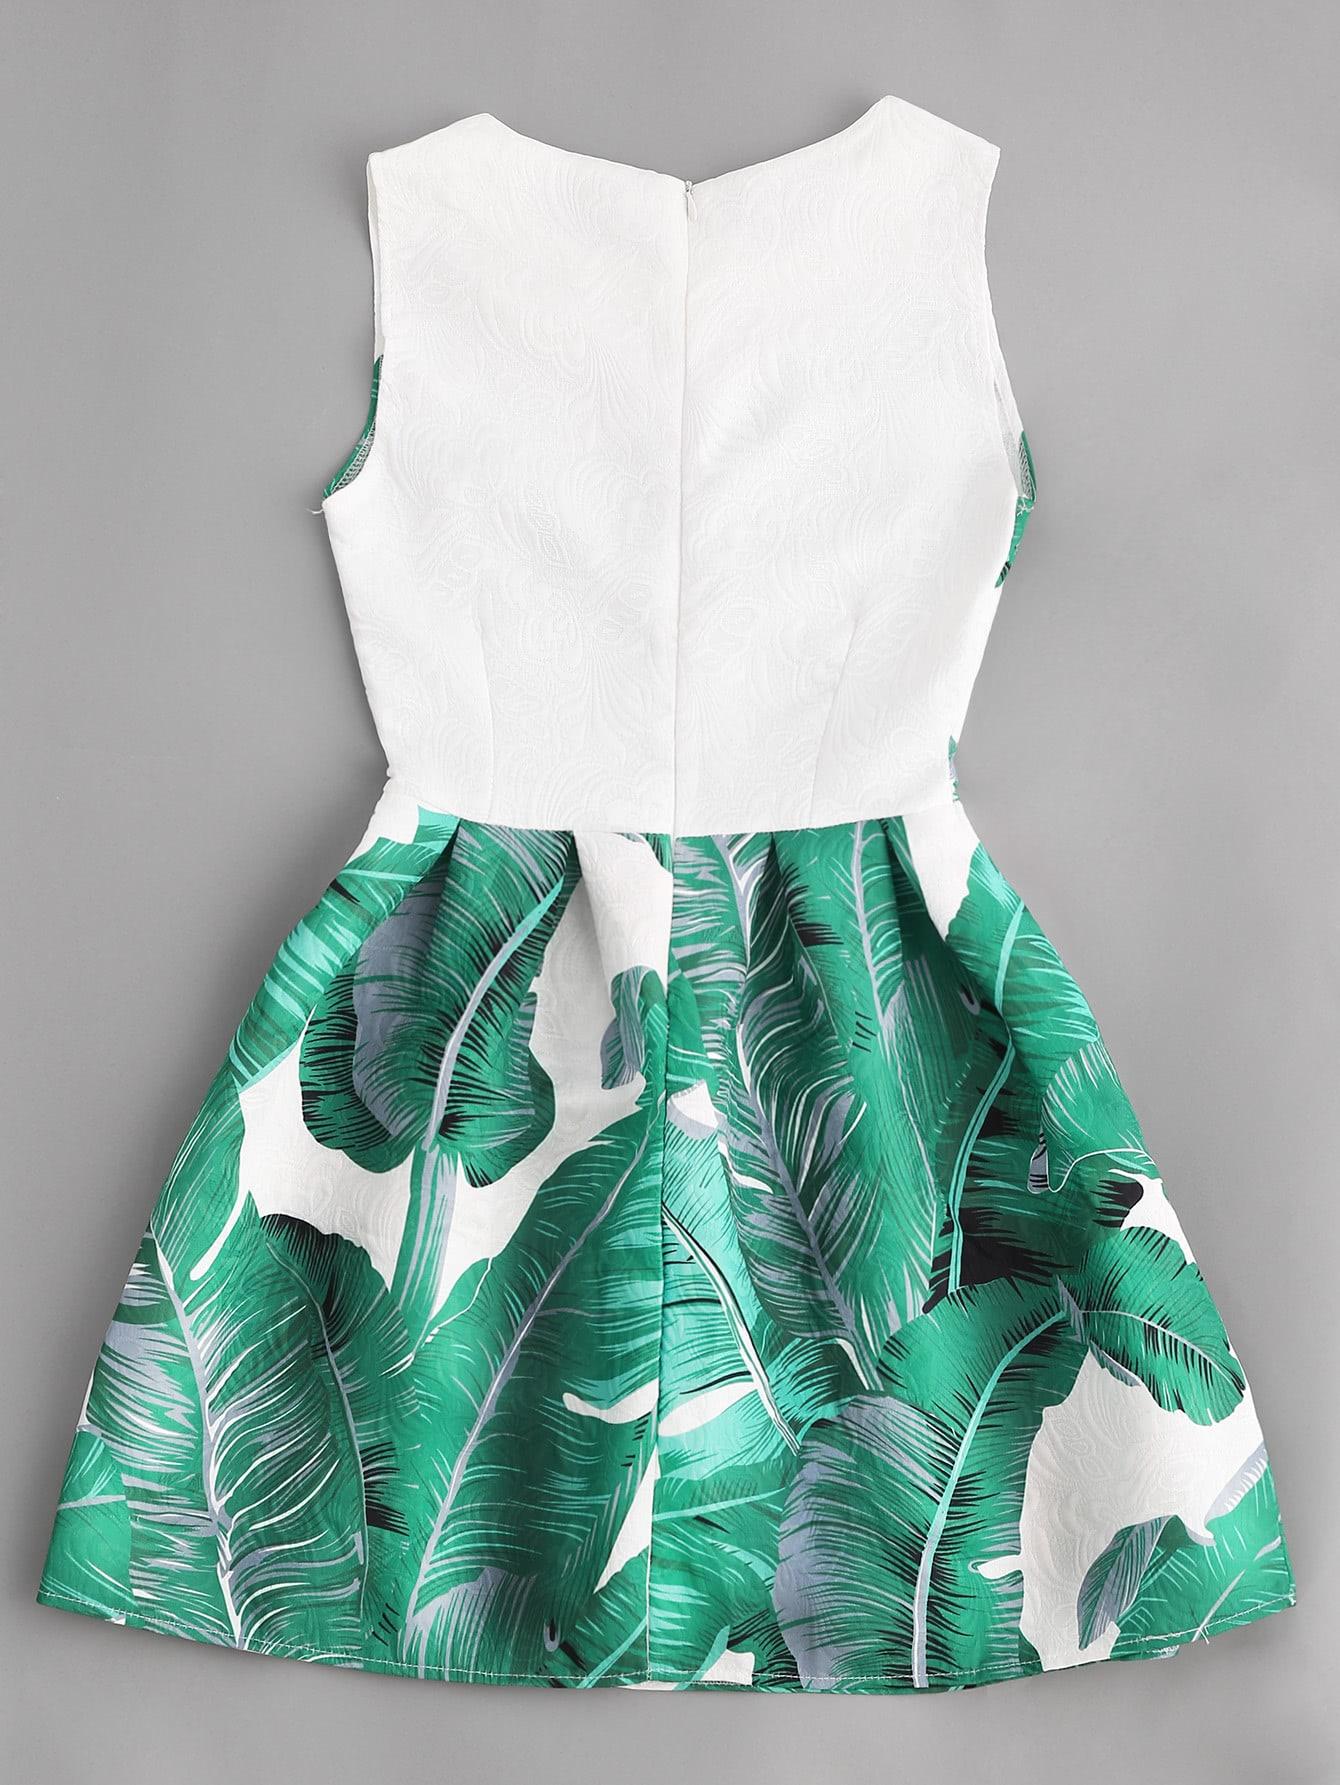 dress170405101_2